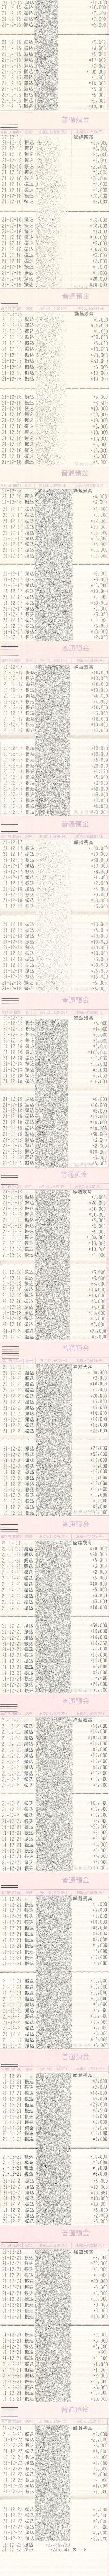 Miauzuサンタ募金係通帳一覧500